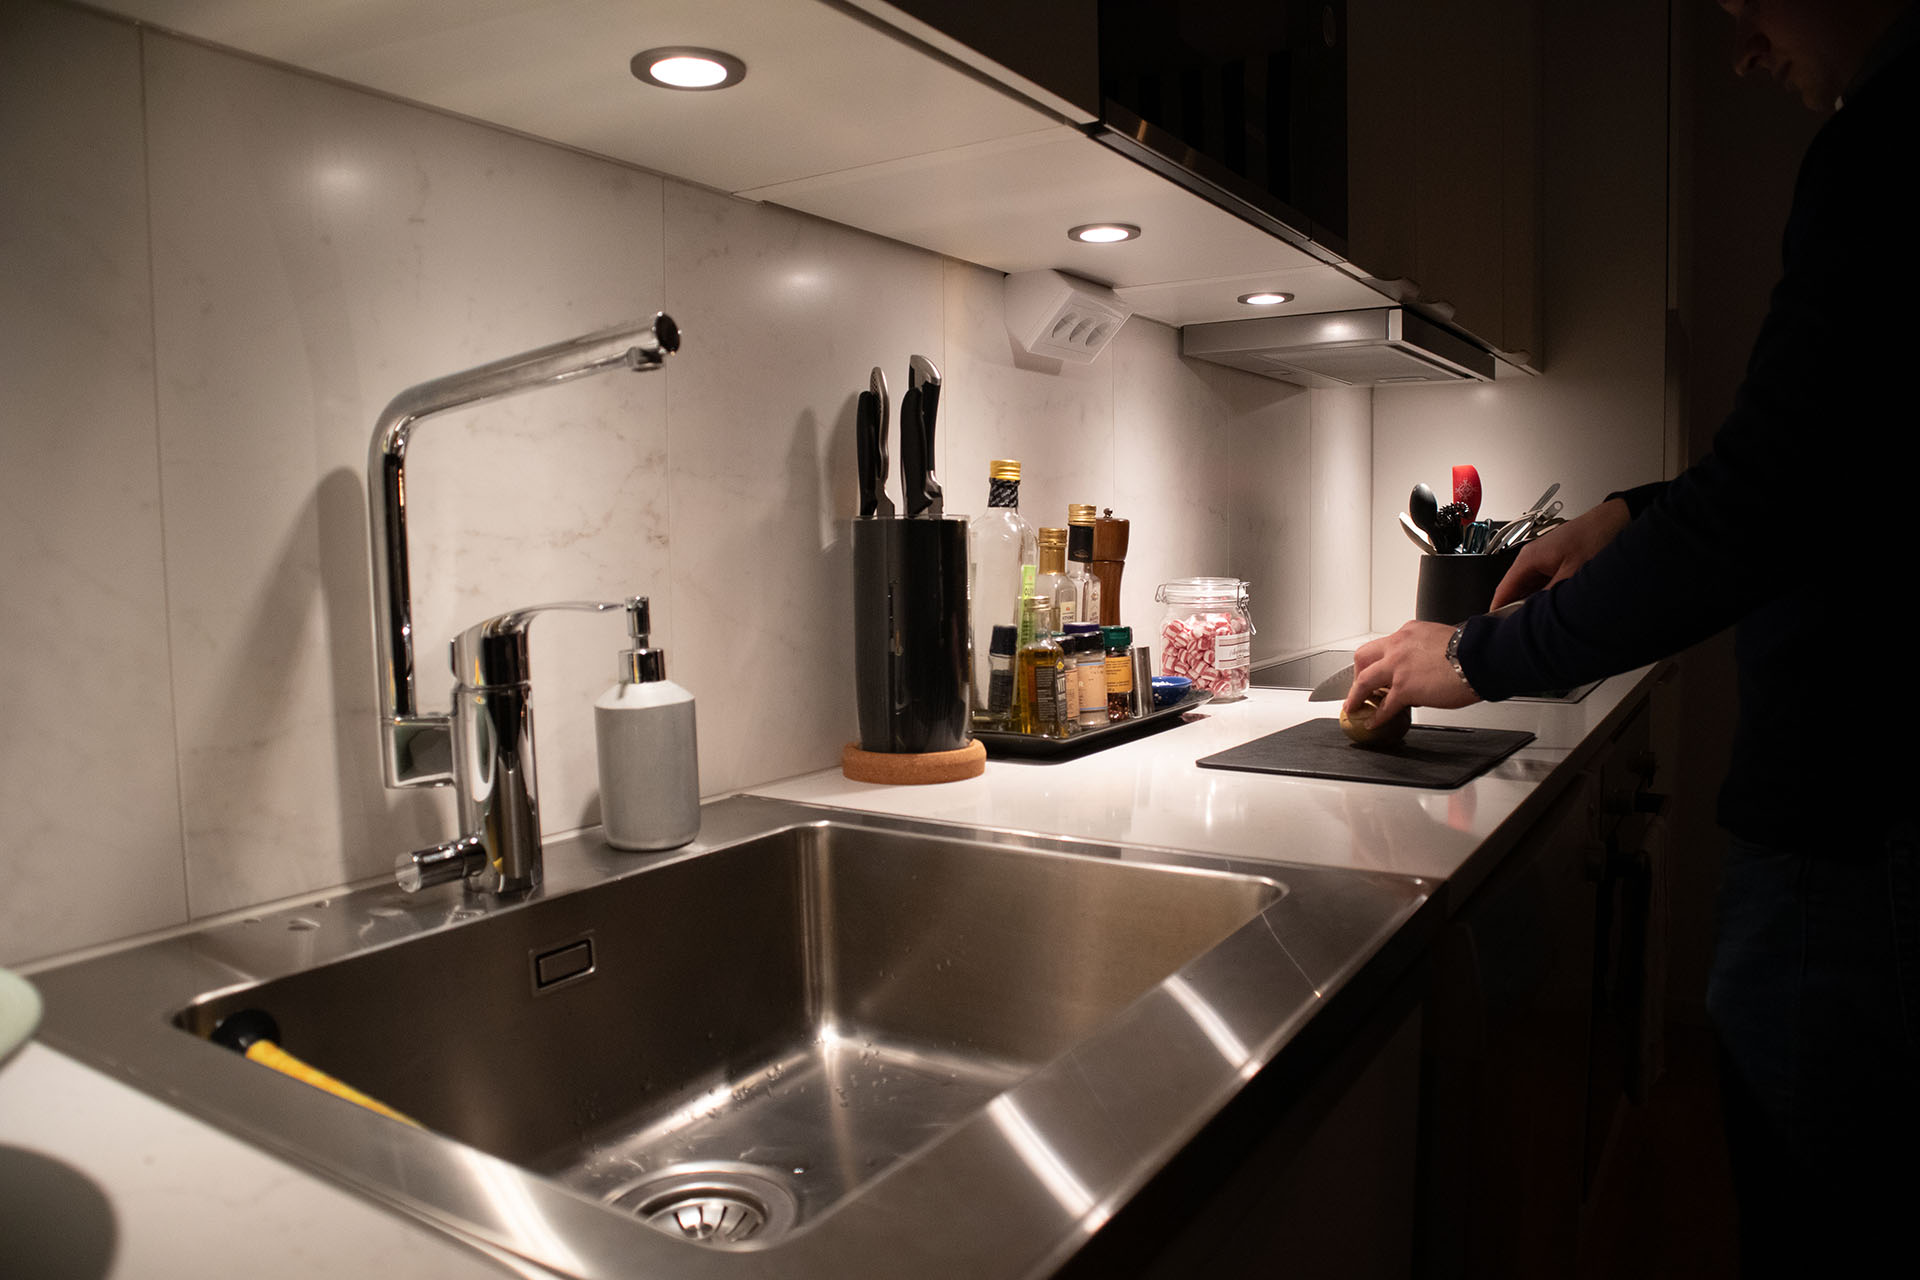 I det nyrenoverade köket är det rent och snyggt.